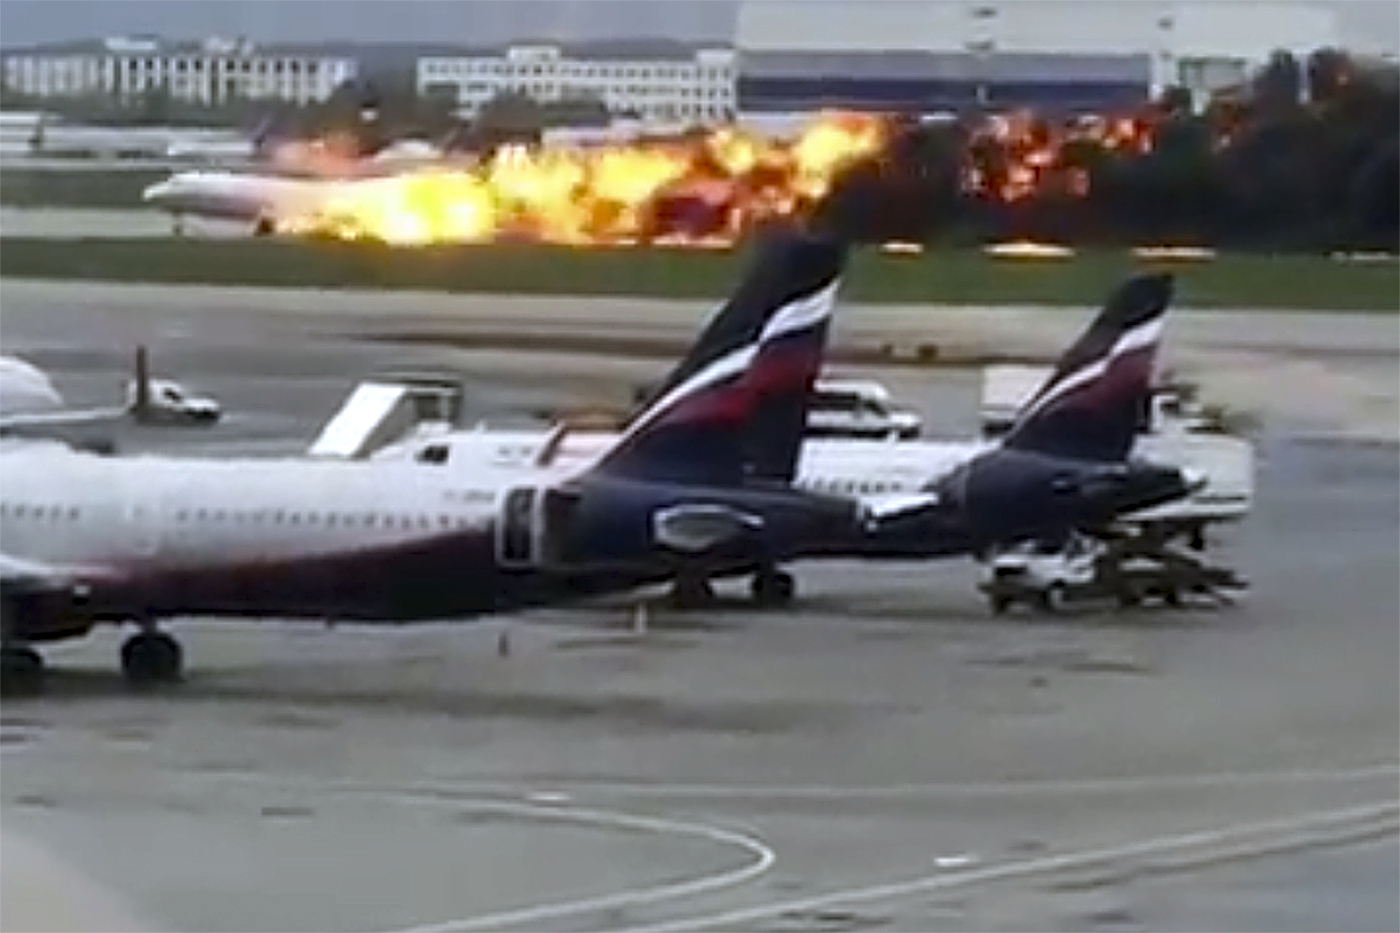 Russia_Plane_Fire_31134-159532.jpg97842897